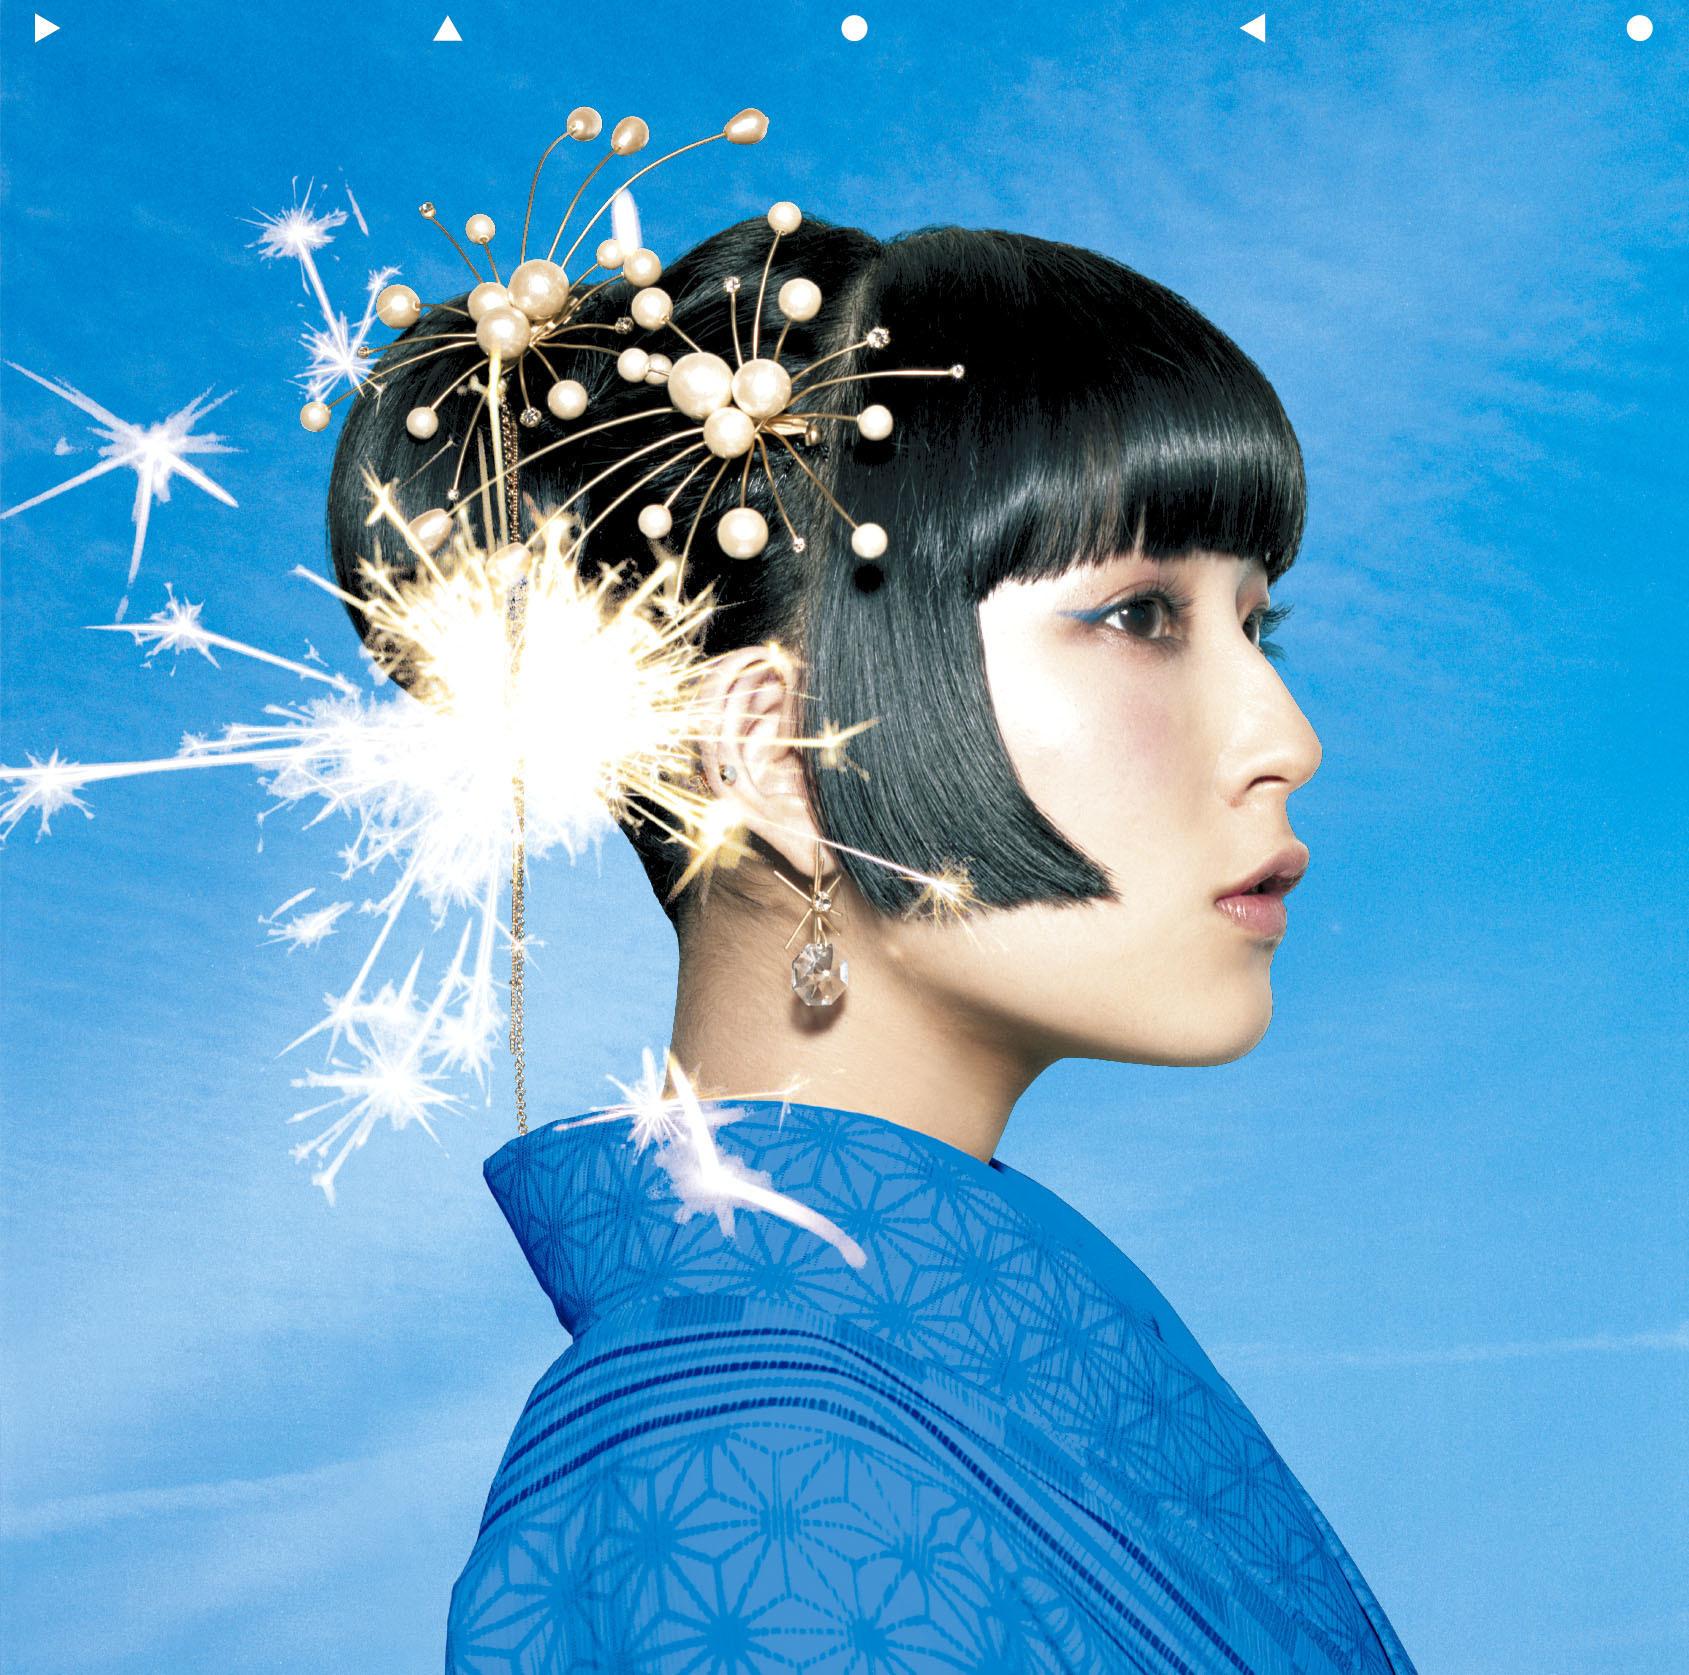 NekoPOP-DAOKO-Uchiage-Hanabi-best-cover